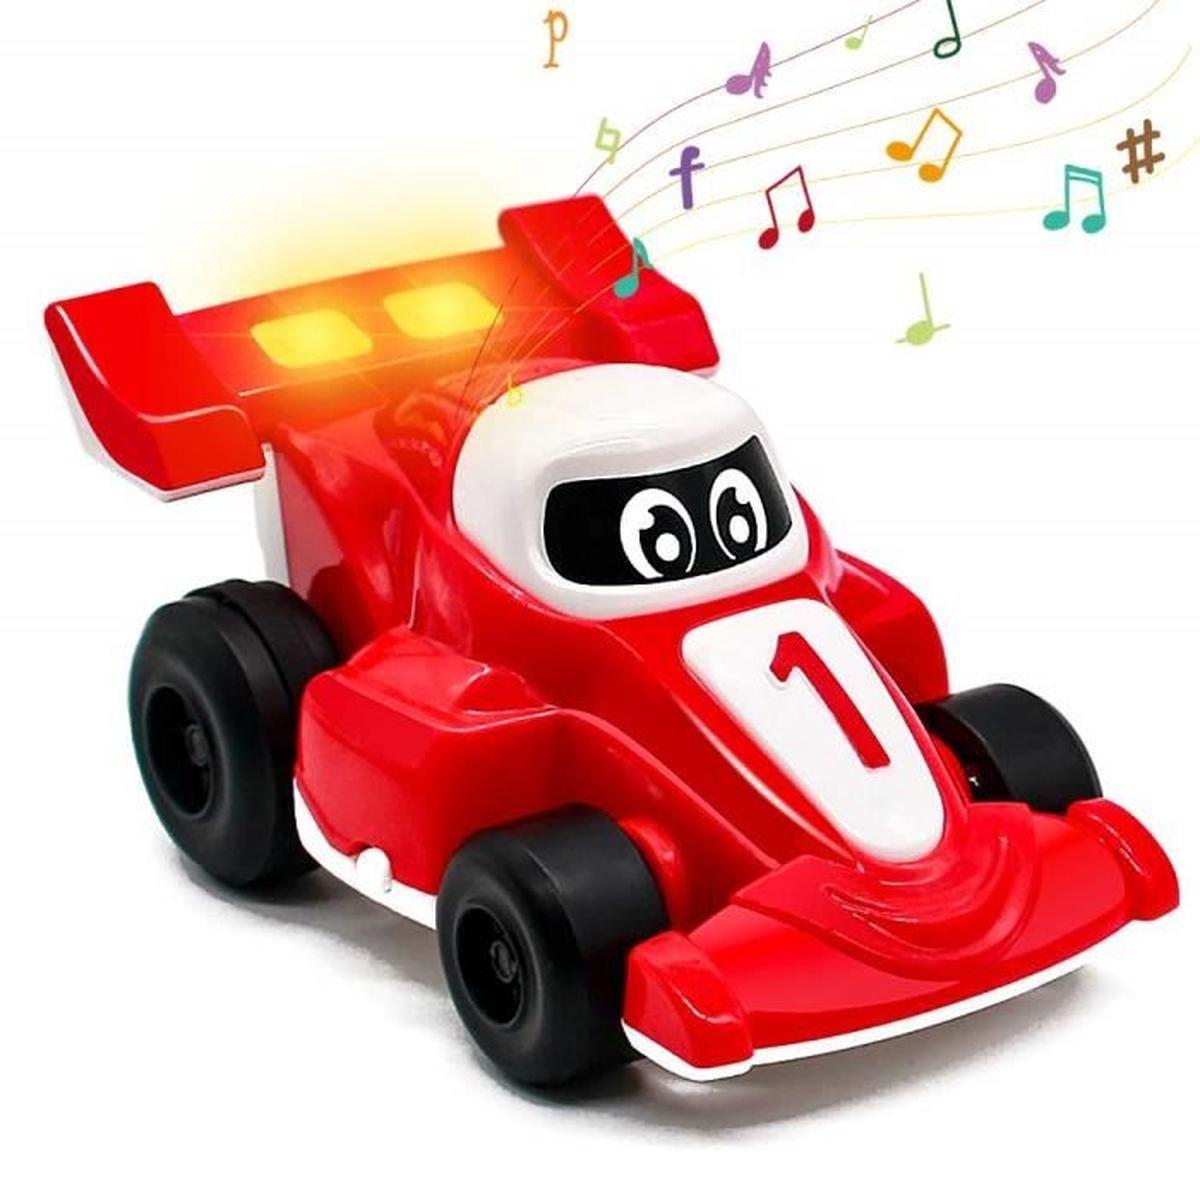 Voiture Enfant Jouet Musical Bebe Jouet D'eveil Voiture intérieur Jeux Bebe Voiture